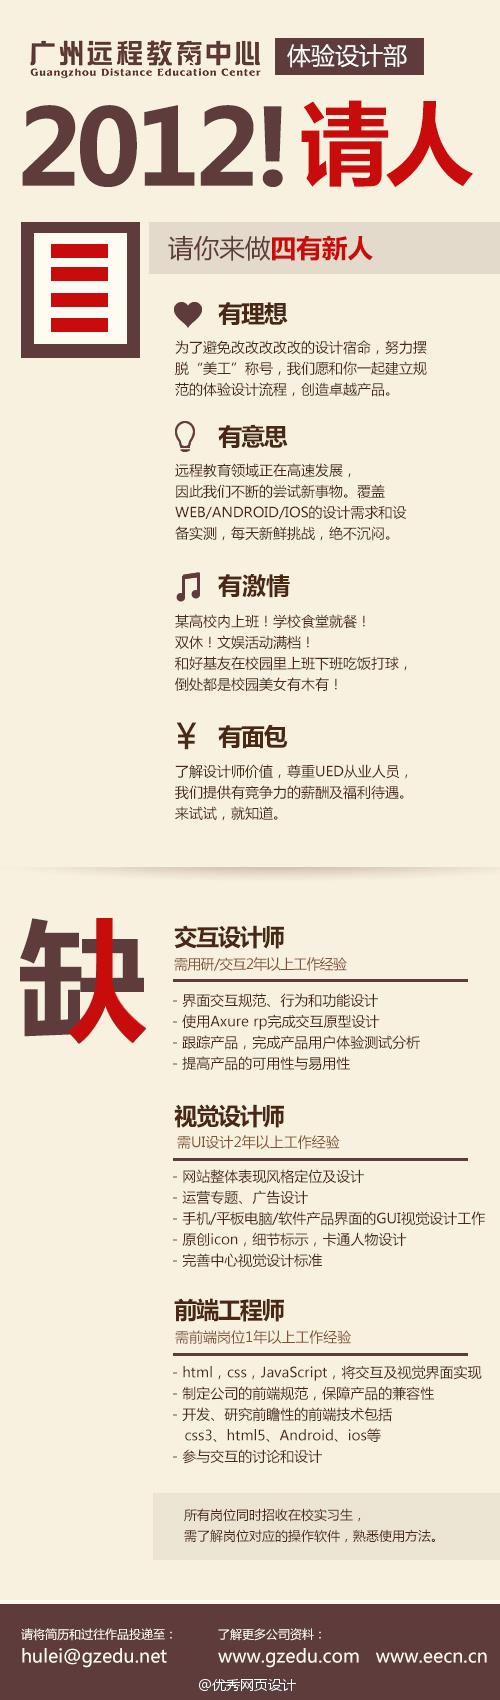 【广州招聘】广州远程教育中心 - 优设-UISDC